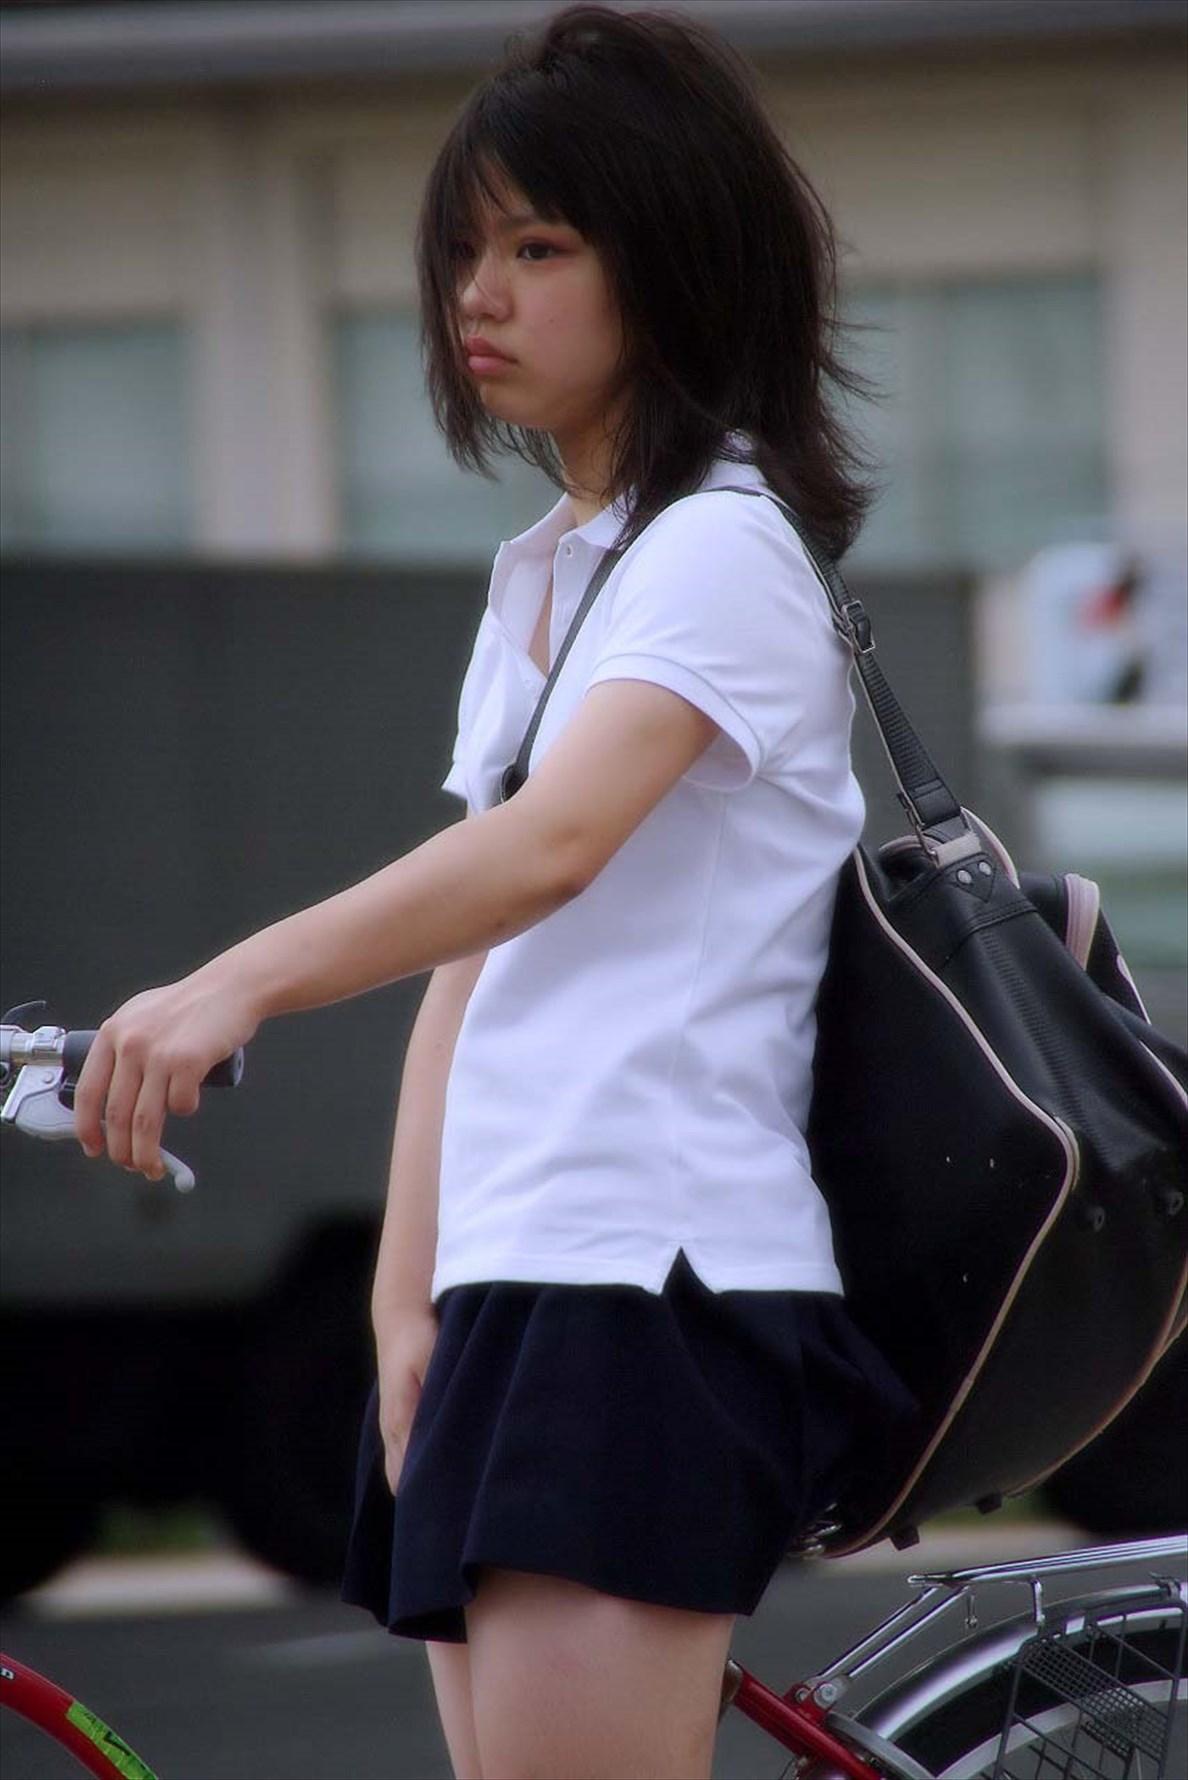 女子高生って青春だな。見てると可愛すぎて癒される不思議な生き物。 VpaNbYR